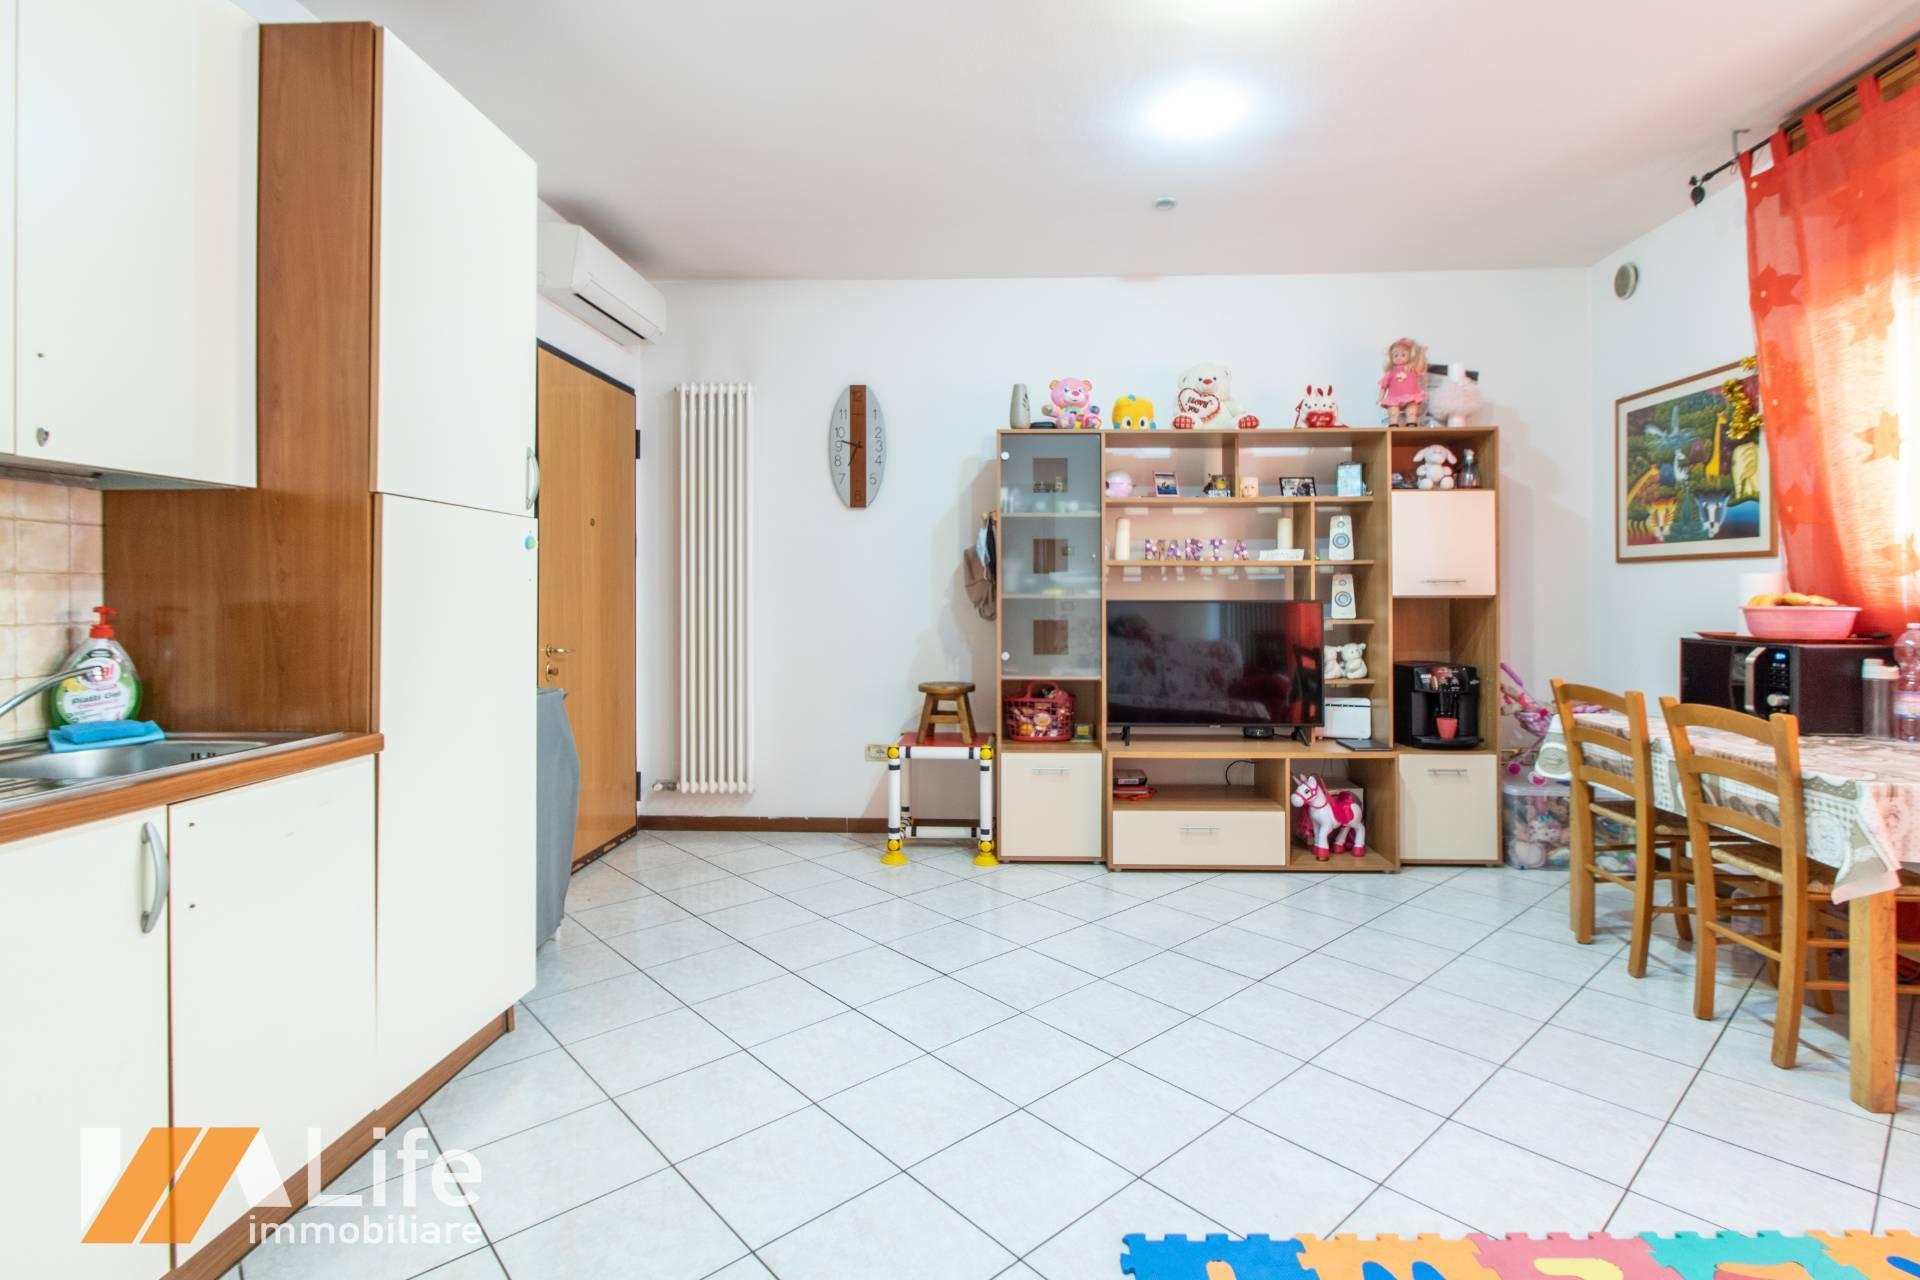 Appartamento in vendita a Grumolo delle Abbadesse, 2 locali, zona Zona: Grumolo, prezzo € 73.000 | CambioCasa.it